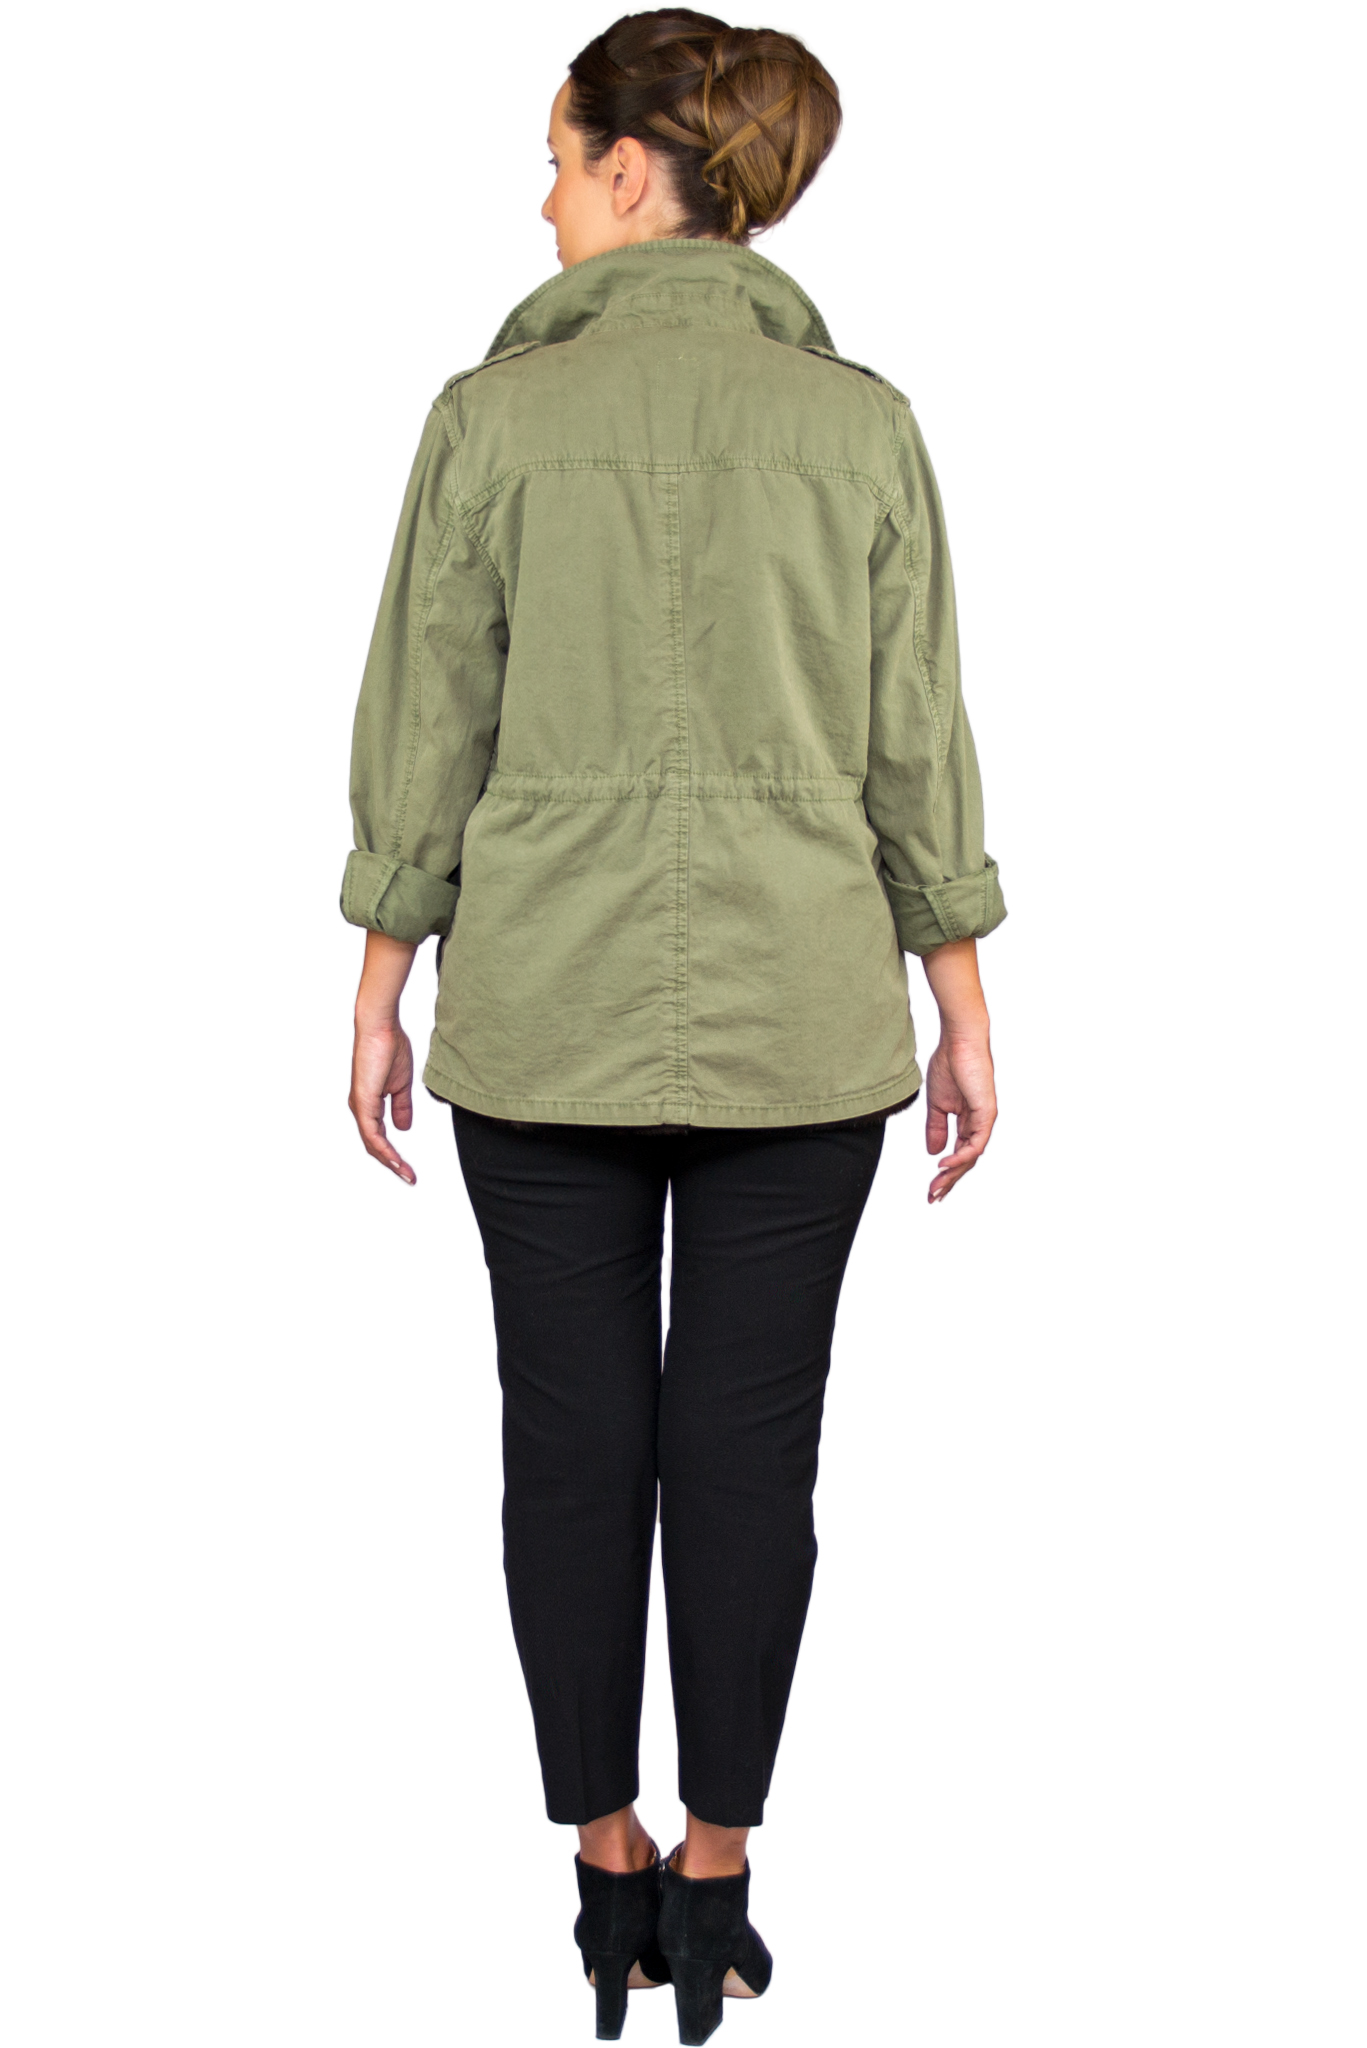 Laila Army Jacket w Mink Interior- Back.jpg